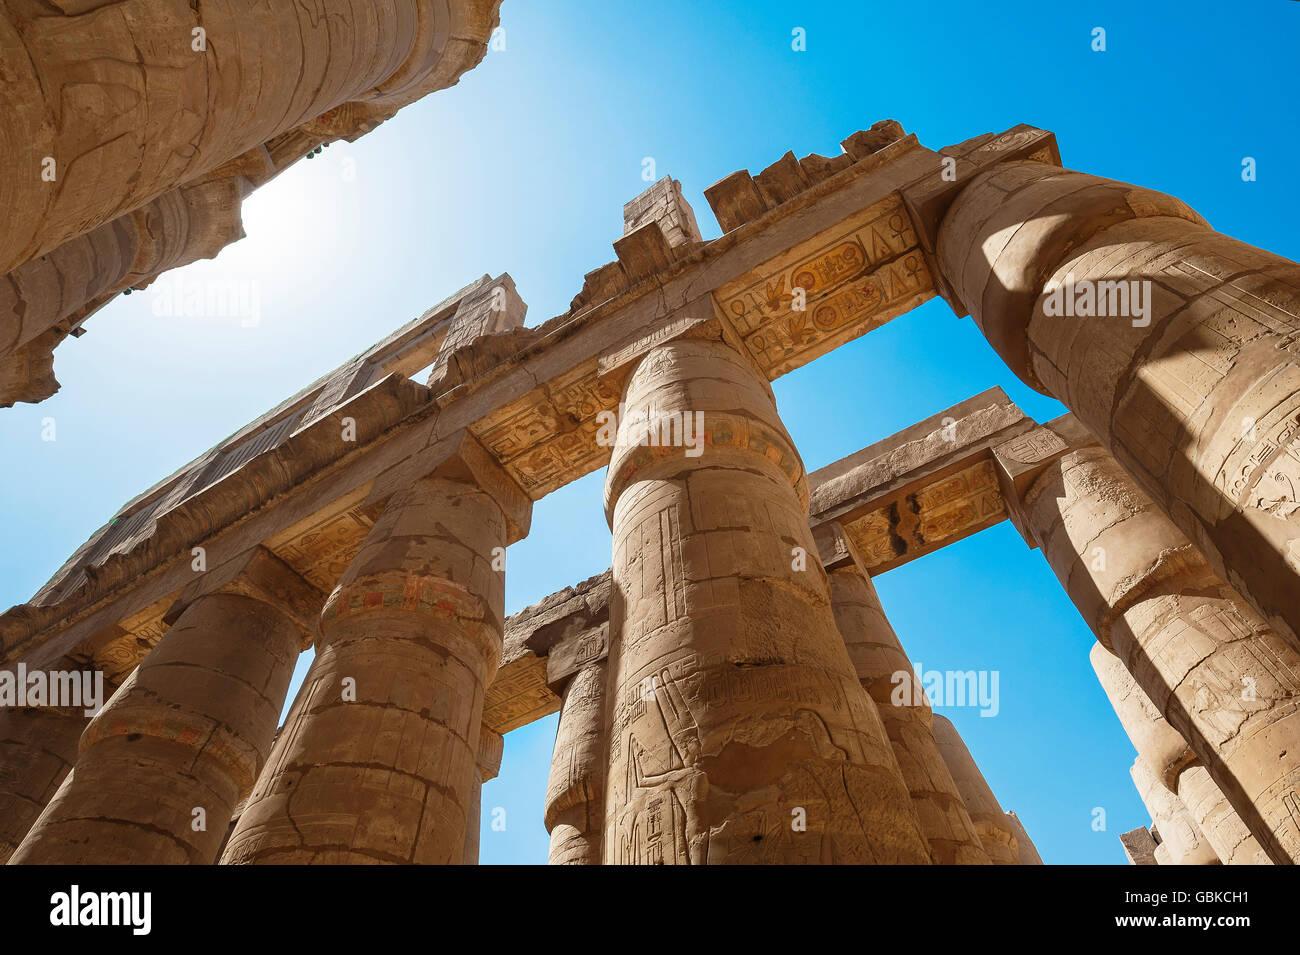 Portico con colore originale pittura, Tempio di Karnak, Karnak Luxor Egitto Immagini Stock